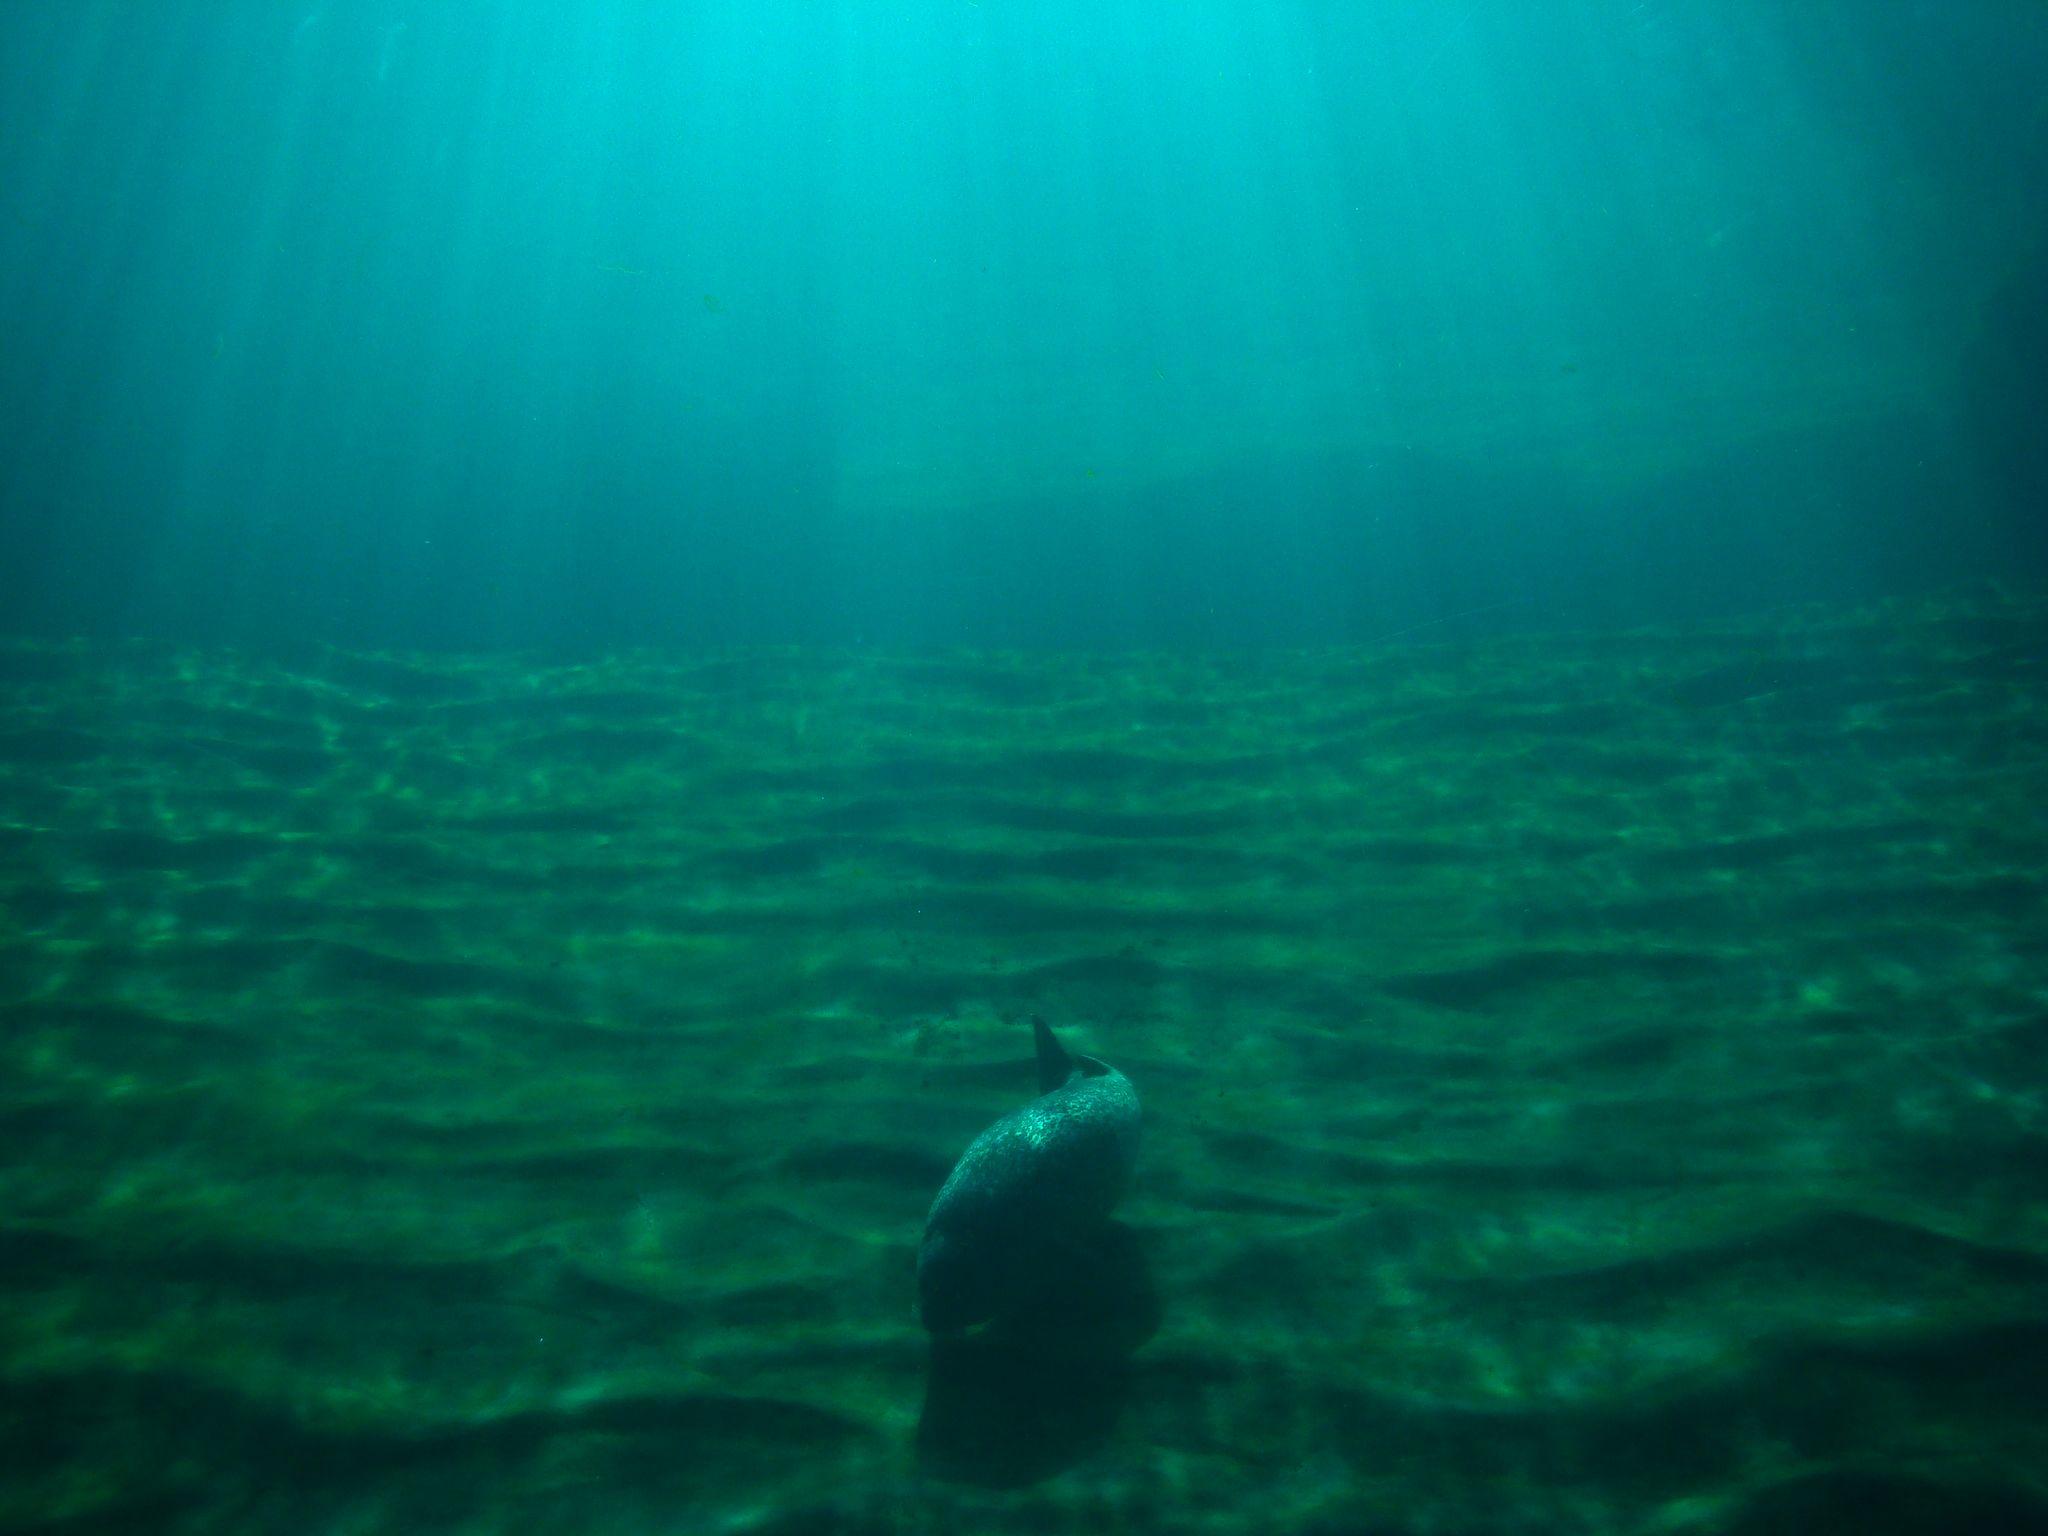 Fondo del mar imagui - Fotos fondo del mar ...